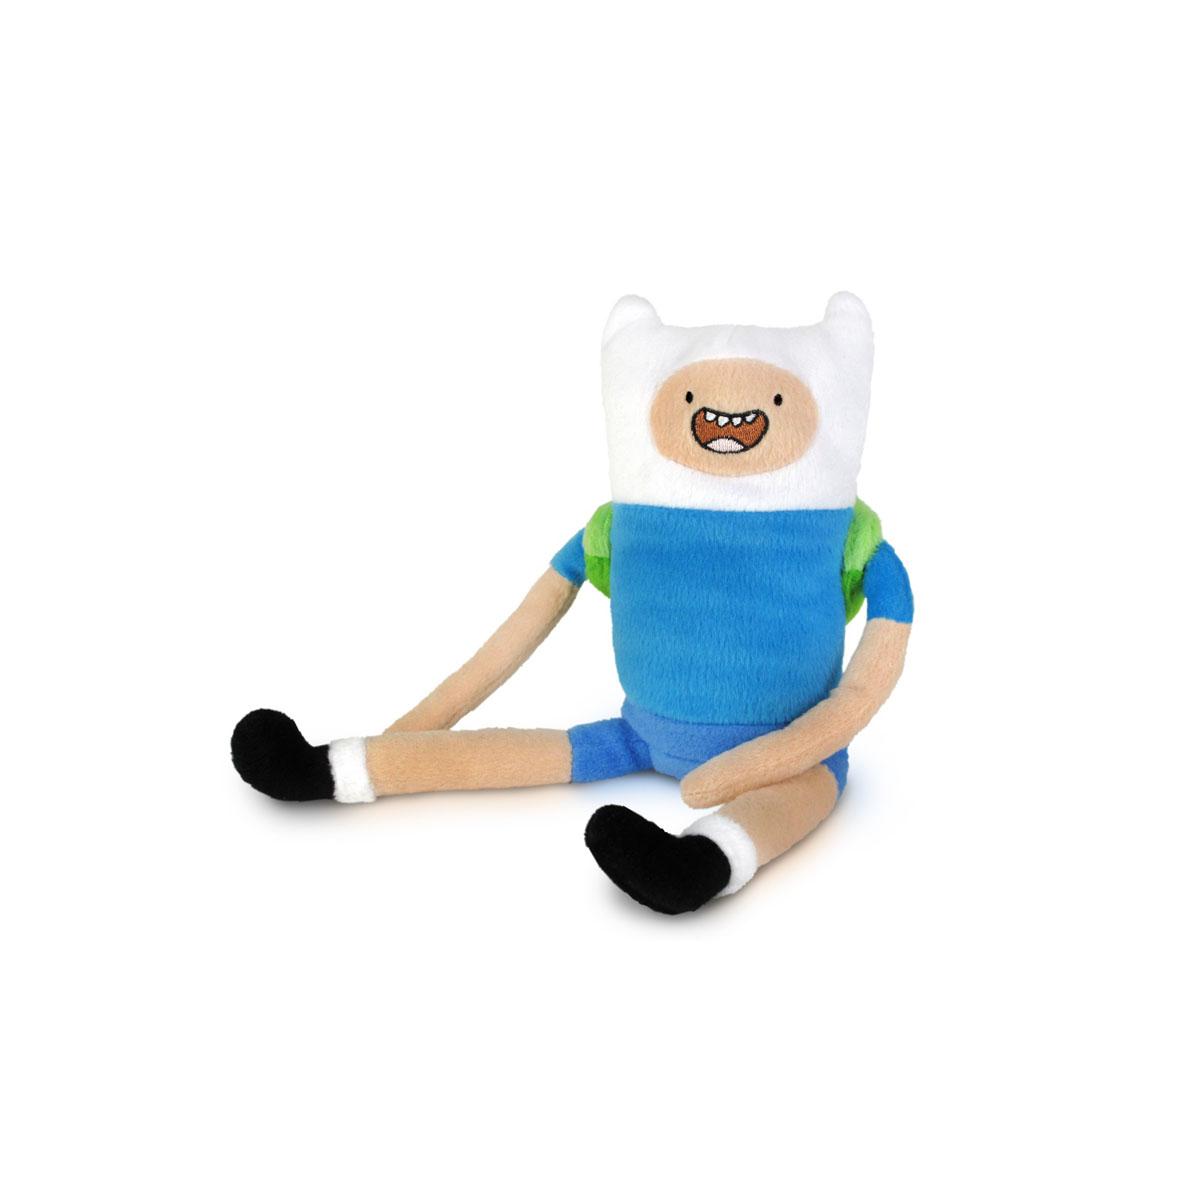 Мягкая игрушка Adventure Time Финн, 28 см14221Очаровательная мягкая игрушка Adventure Time Финн вызовет умиление и улыбку у каждого, кто ее увидит. Игрушка выполнена из мягкого плюша в виде Финна - одного из главных персонажей в мультсериале Время приключений. Финн - главный герой сериала, один из нескольких людей в Землях Ууу. Он был найден родителями Джейка в младенческом возрасте в лесу. Он носит голубую футболку, синие шорты, белые носки с черными ботинками и белую шлемовидную шапку. Из снаряжения берет с собой зеленый рюкзак. Финн считает себя героем, и из этого определения исходят все его поступки. Он добр и чувствителен, хотя с врагами может быть жестоким и злым. Финн любит драки, но не способен причинять вред невинным. Великолепное качество исполнения делают эту игрушку чудесным подарком к любому празднику.